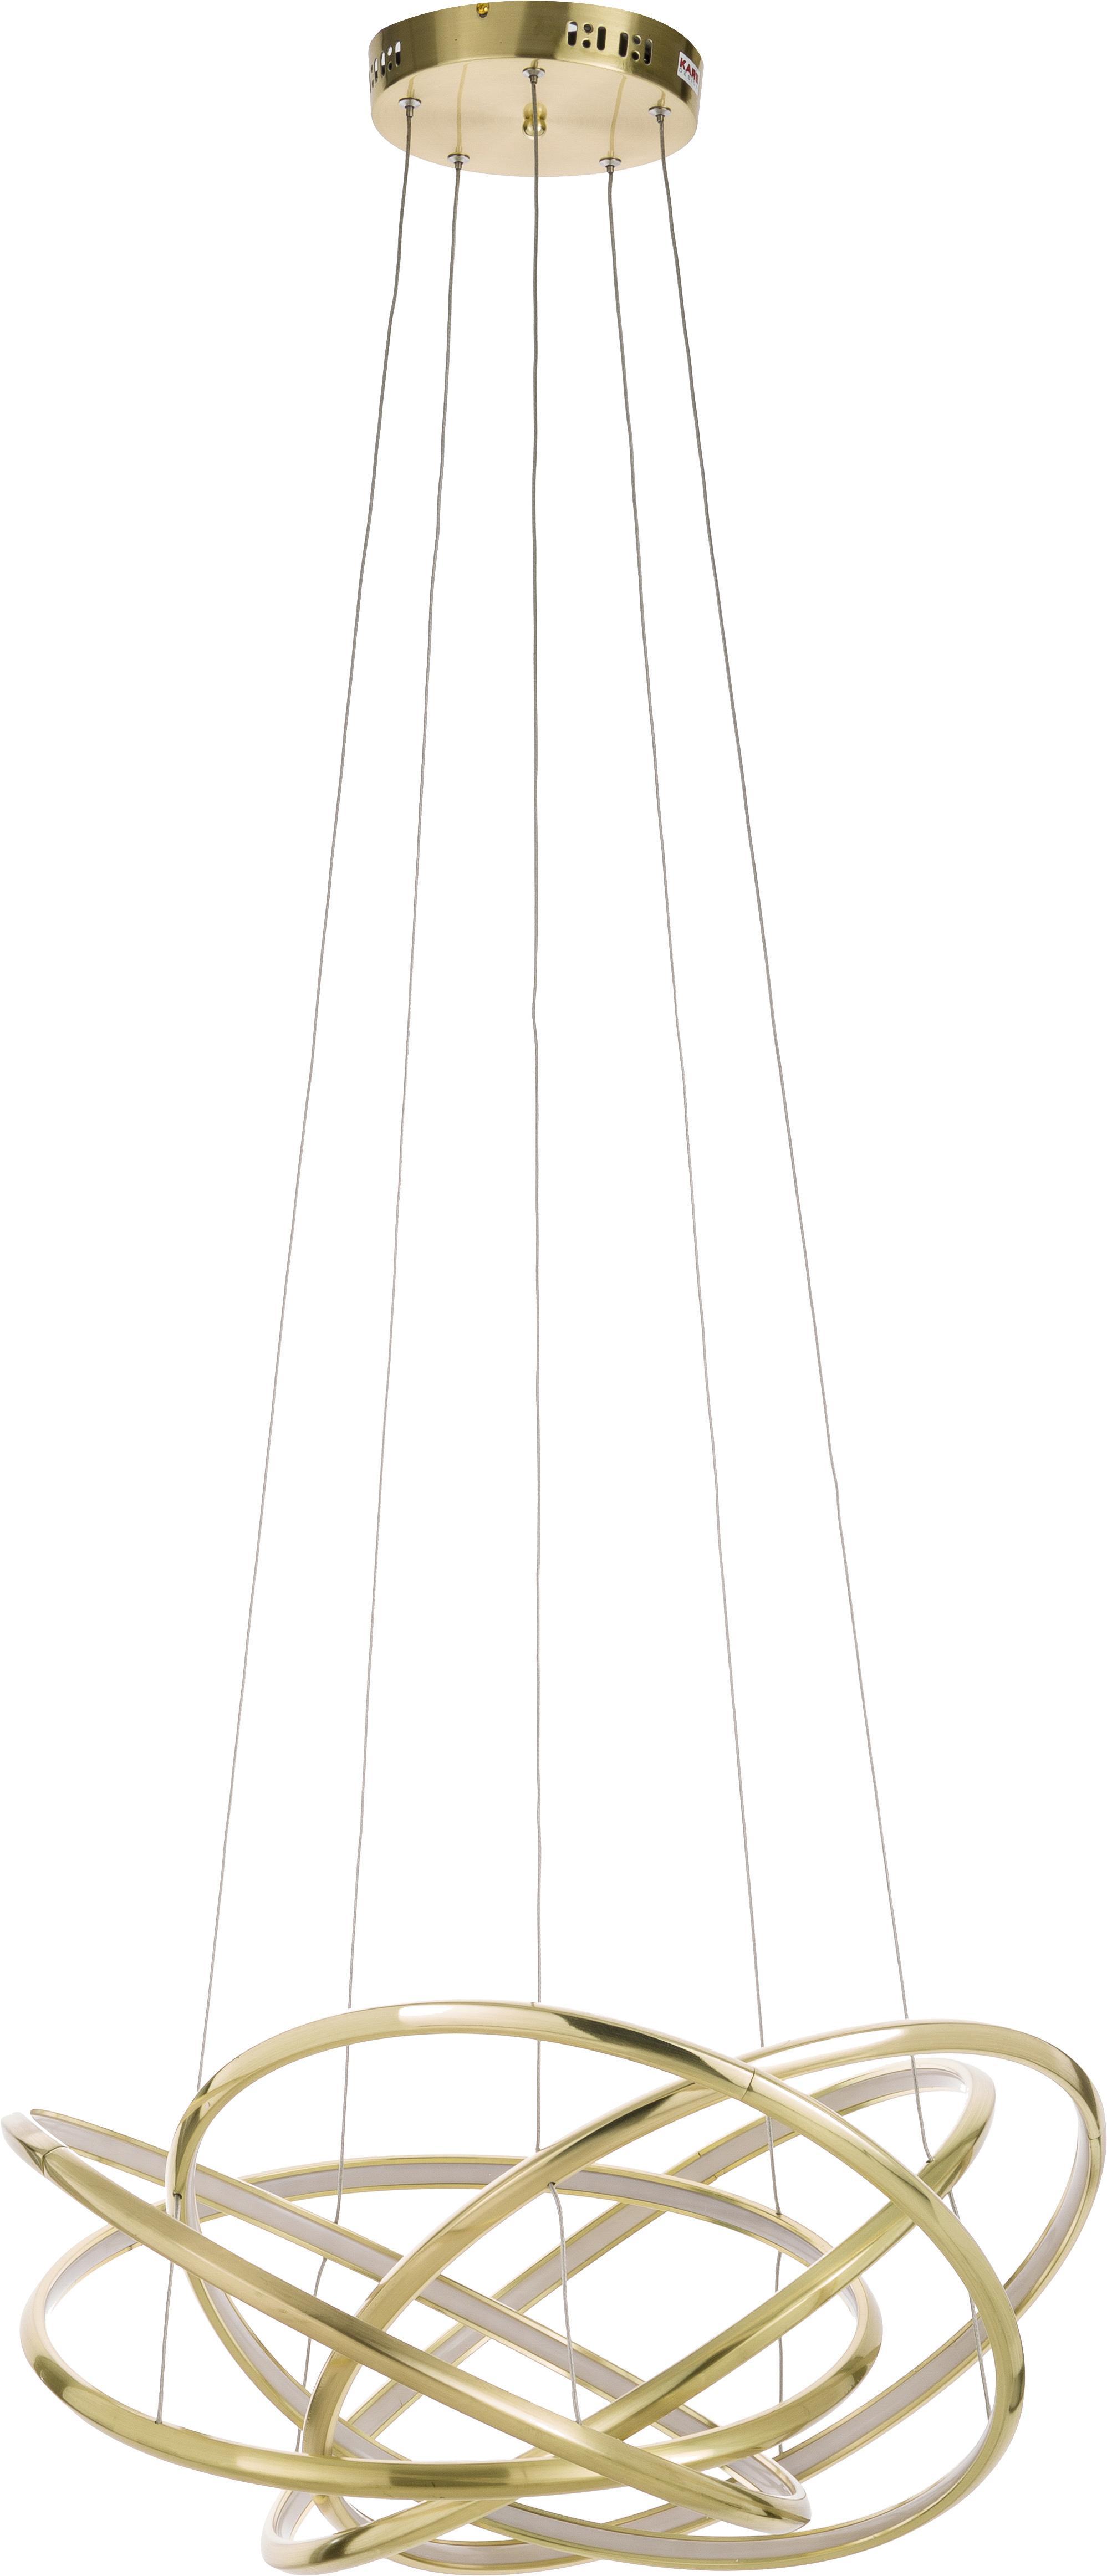 Moderne LED Pendelleuchte Saturn, Lampenschirm: Aluminium, pulverbeschich, Baldachin: Stahl, vermessingt, Gold, Ø 72 x H 75 cm